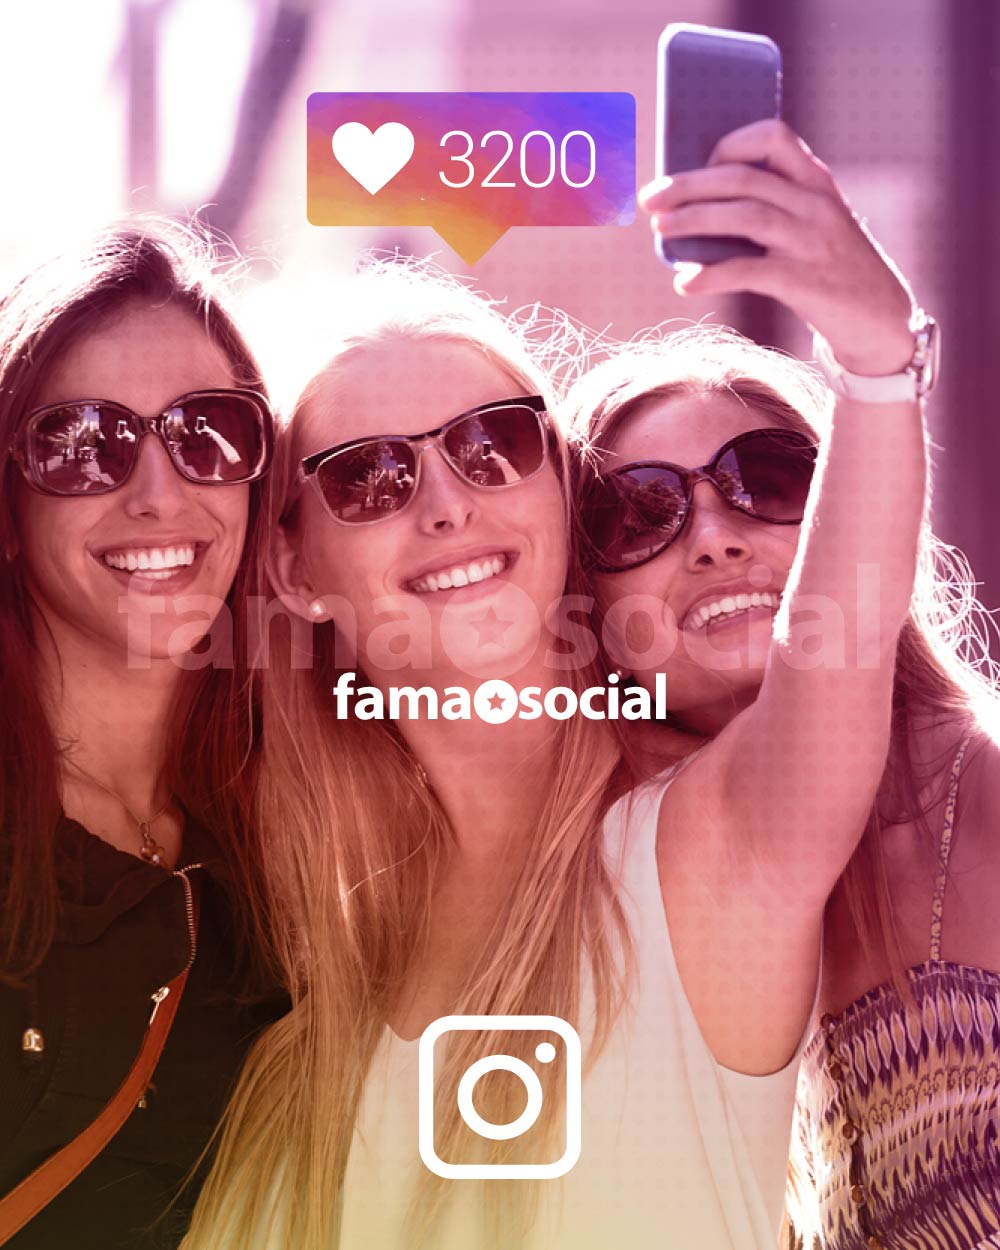 3200 likes para tus fotos ya cargadas en instagram